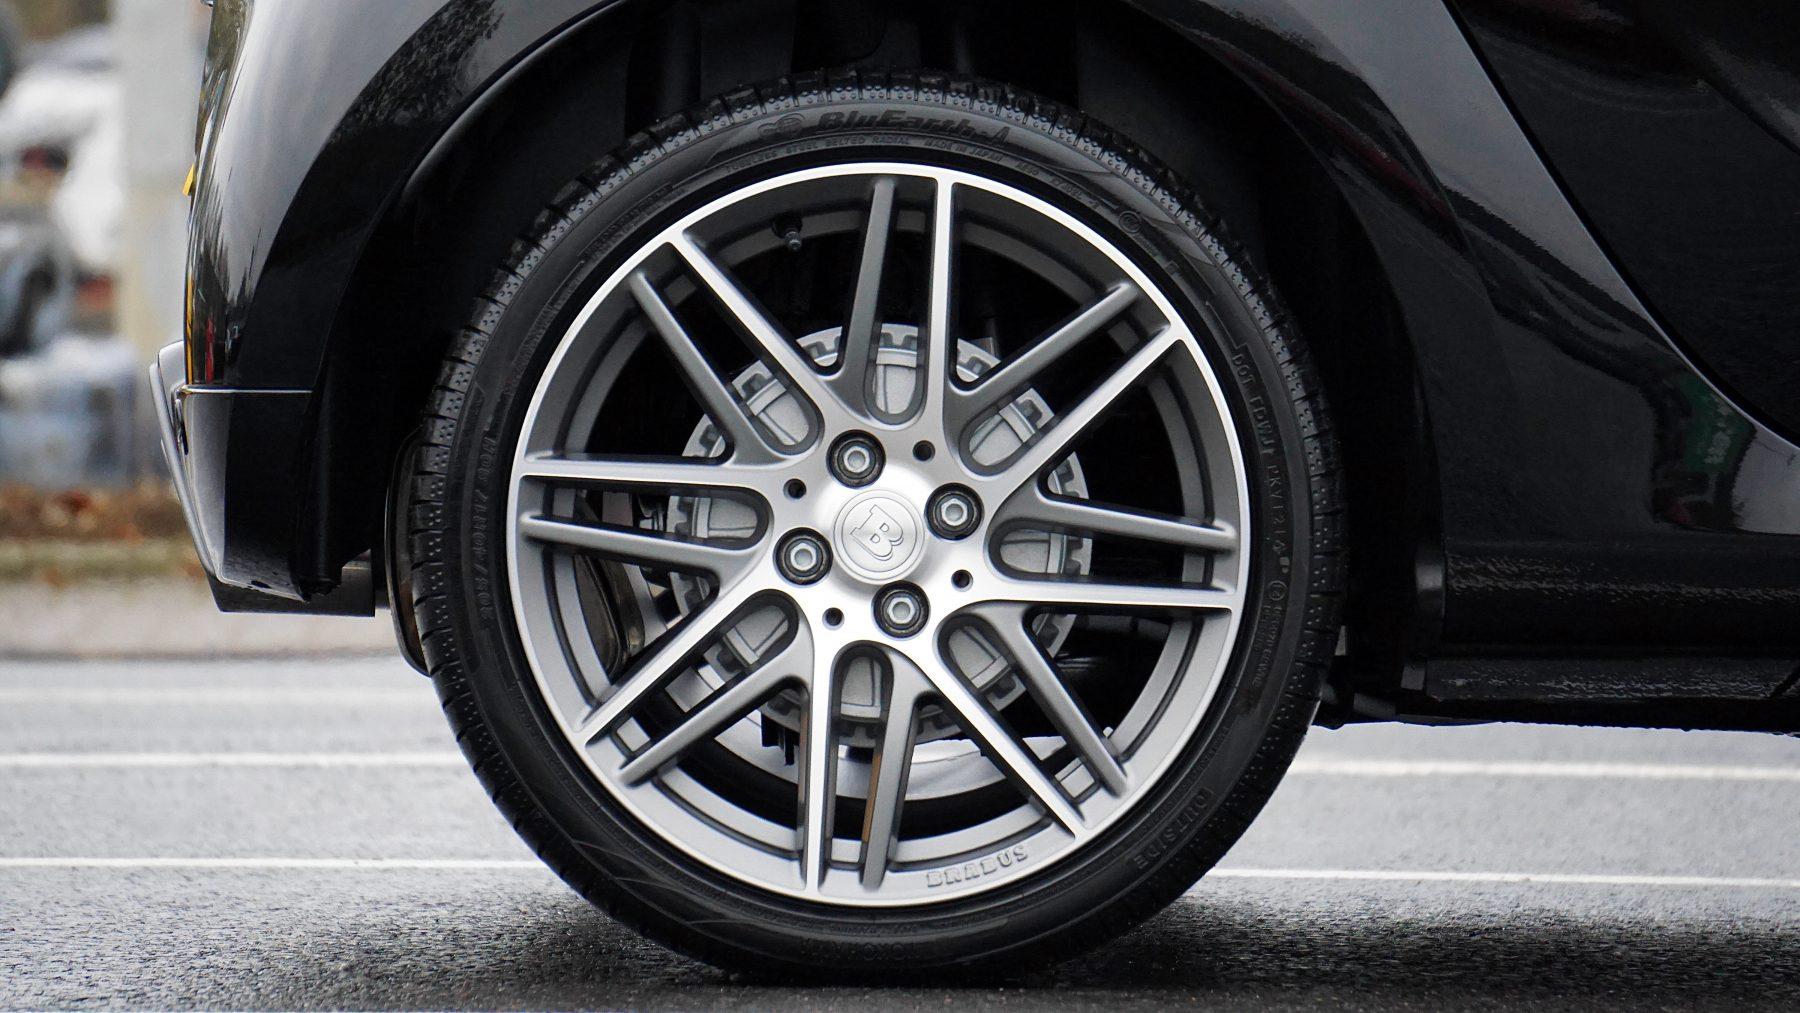 automobile-automotive-car-rim-244553